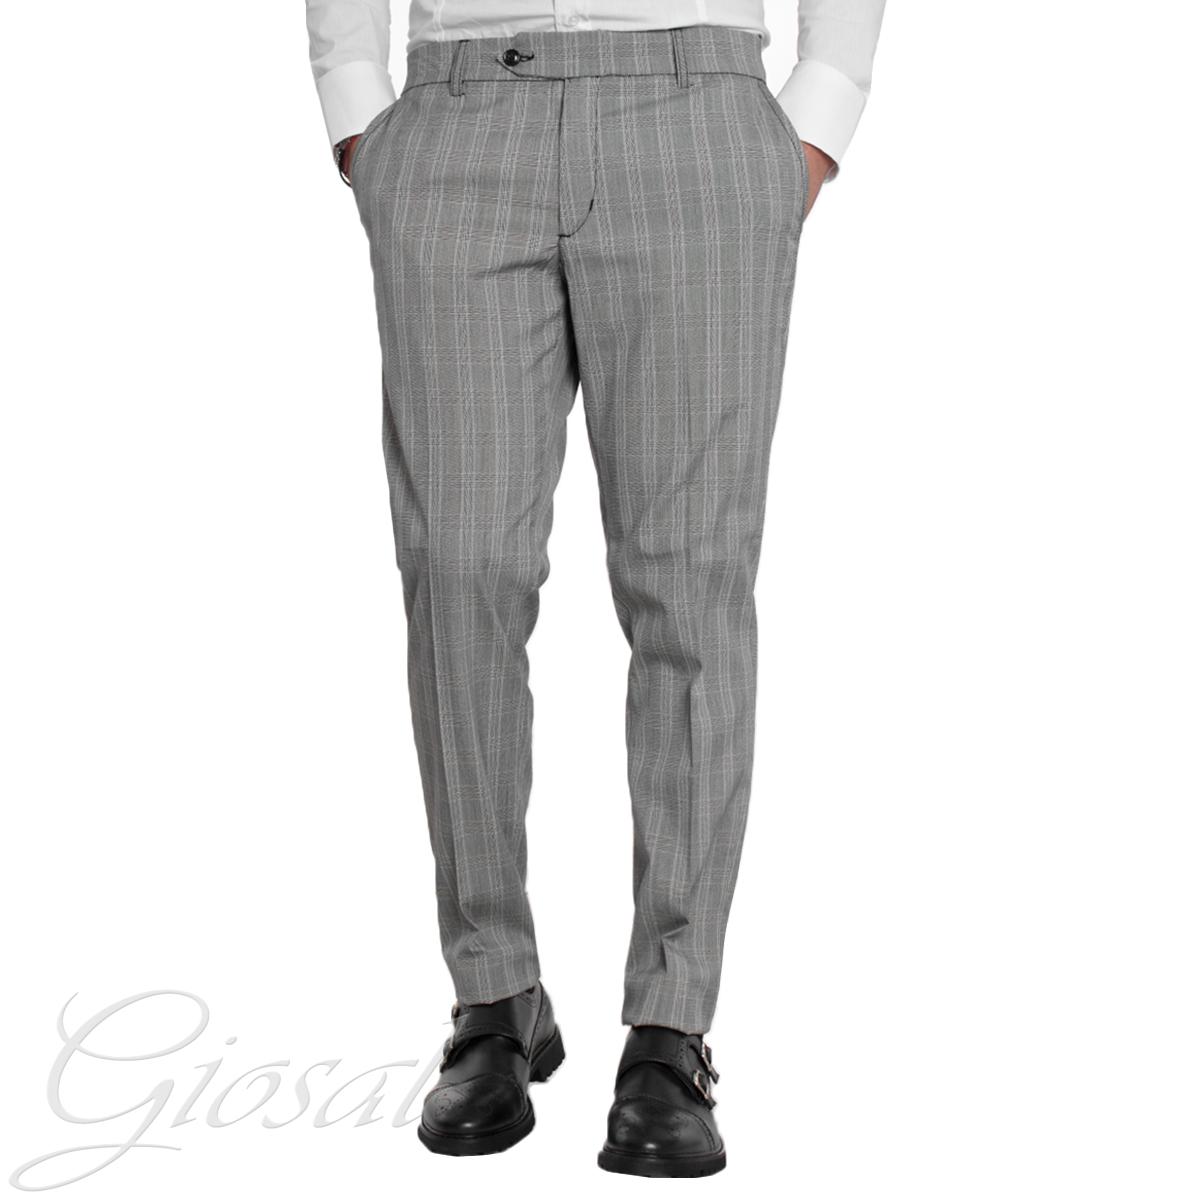 bb519a38253675 Pantaloni Uomo Classici Grigio Quadretti Scozzese Tasca America GIOSAL -  P1527A